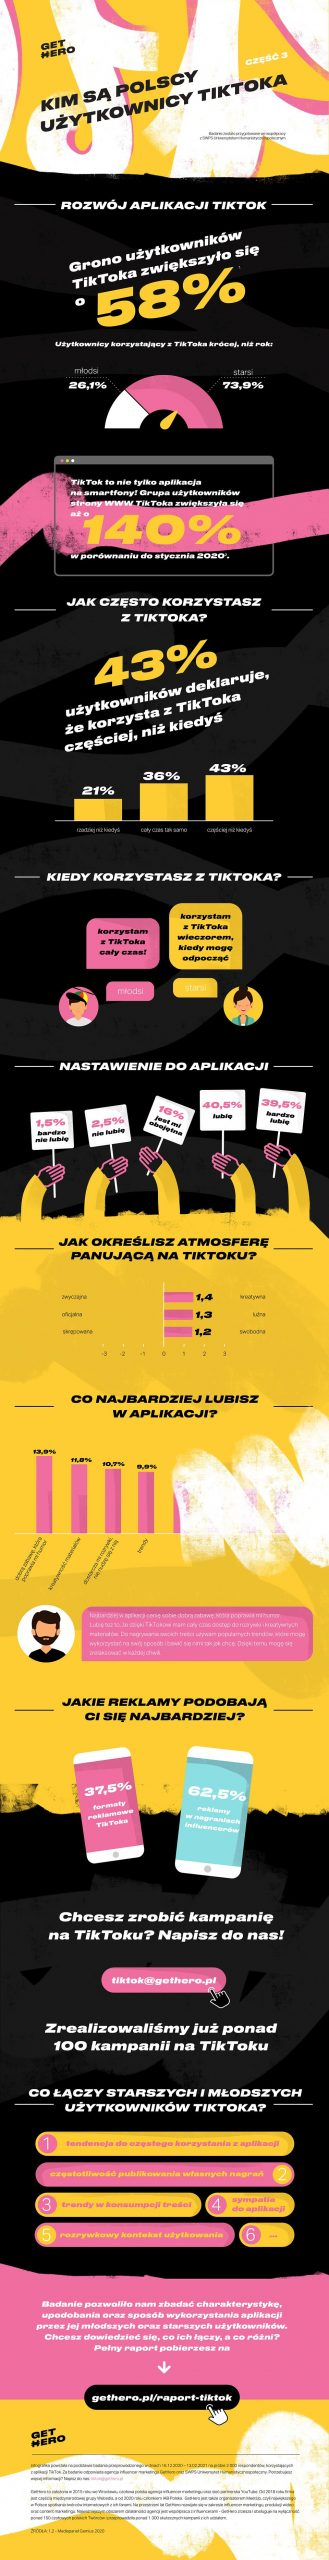 RAPORT: Polscy użytkownicy TikTok pod lupą! Raporty mediarun tiktok info scaled